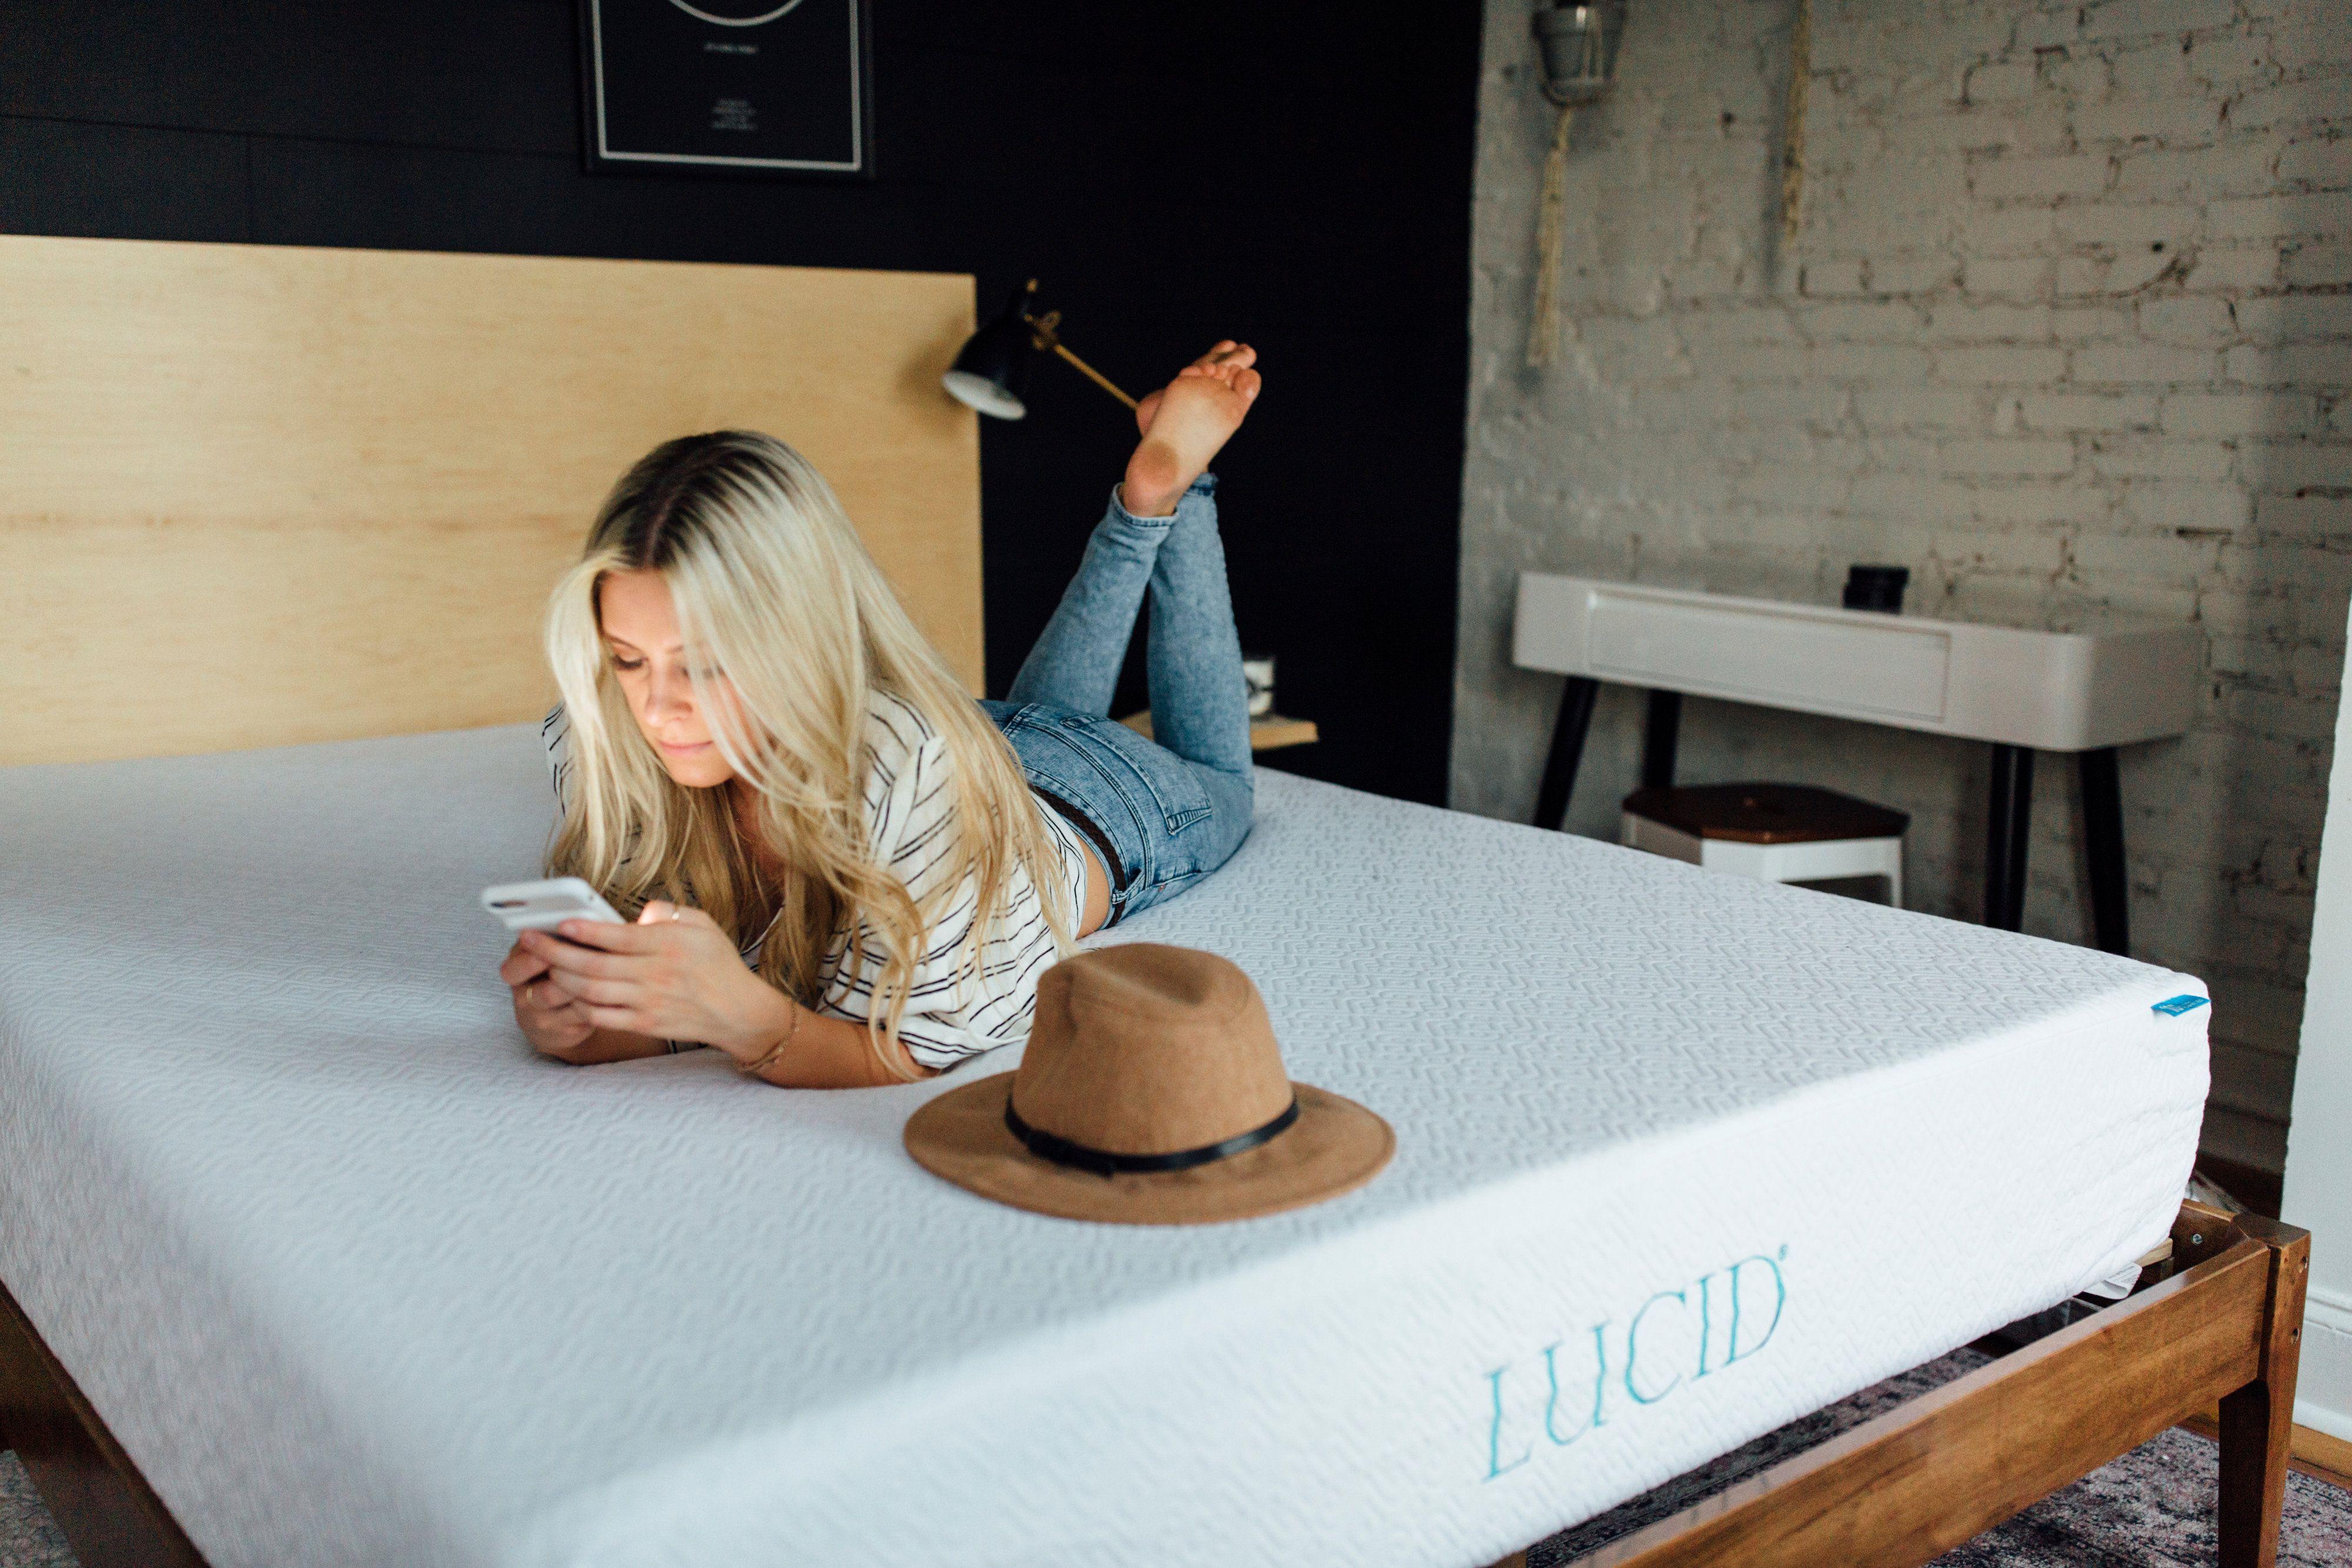 pin by lucid mattress on lucid mattress pinterest mattress